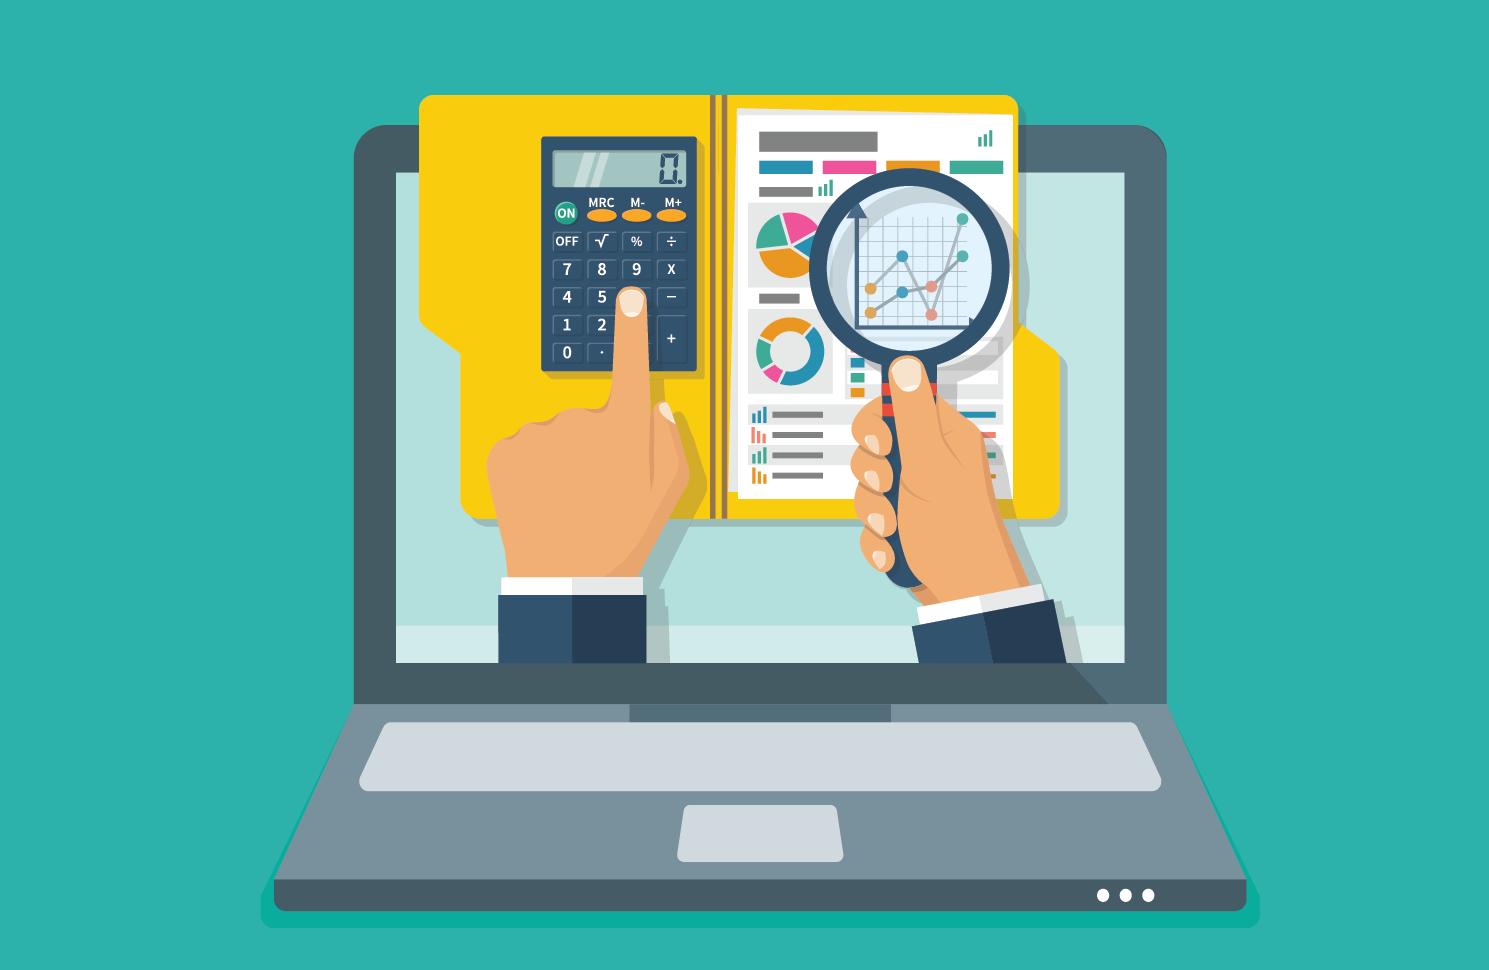 vendor soc audit report webinar